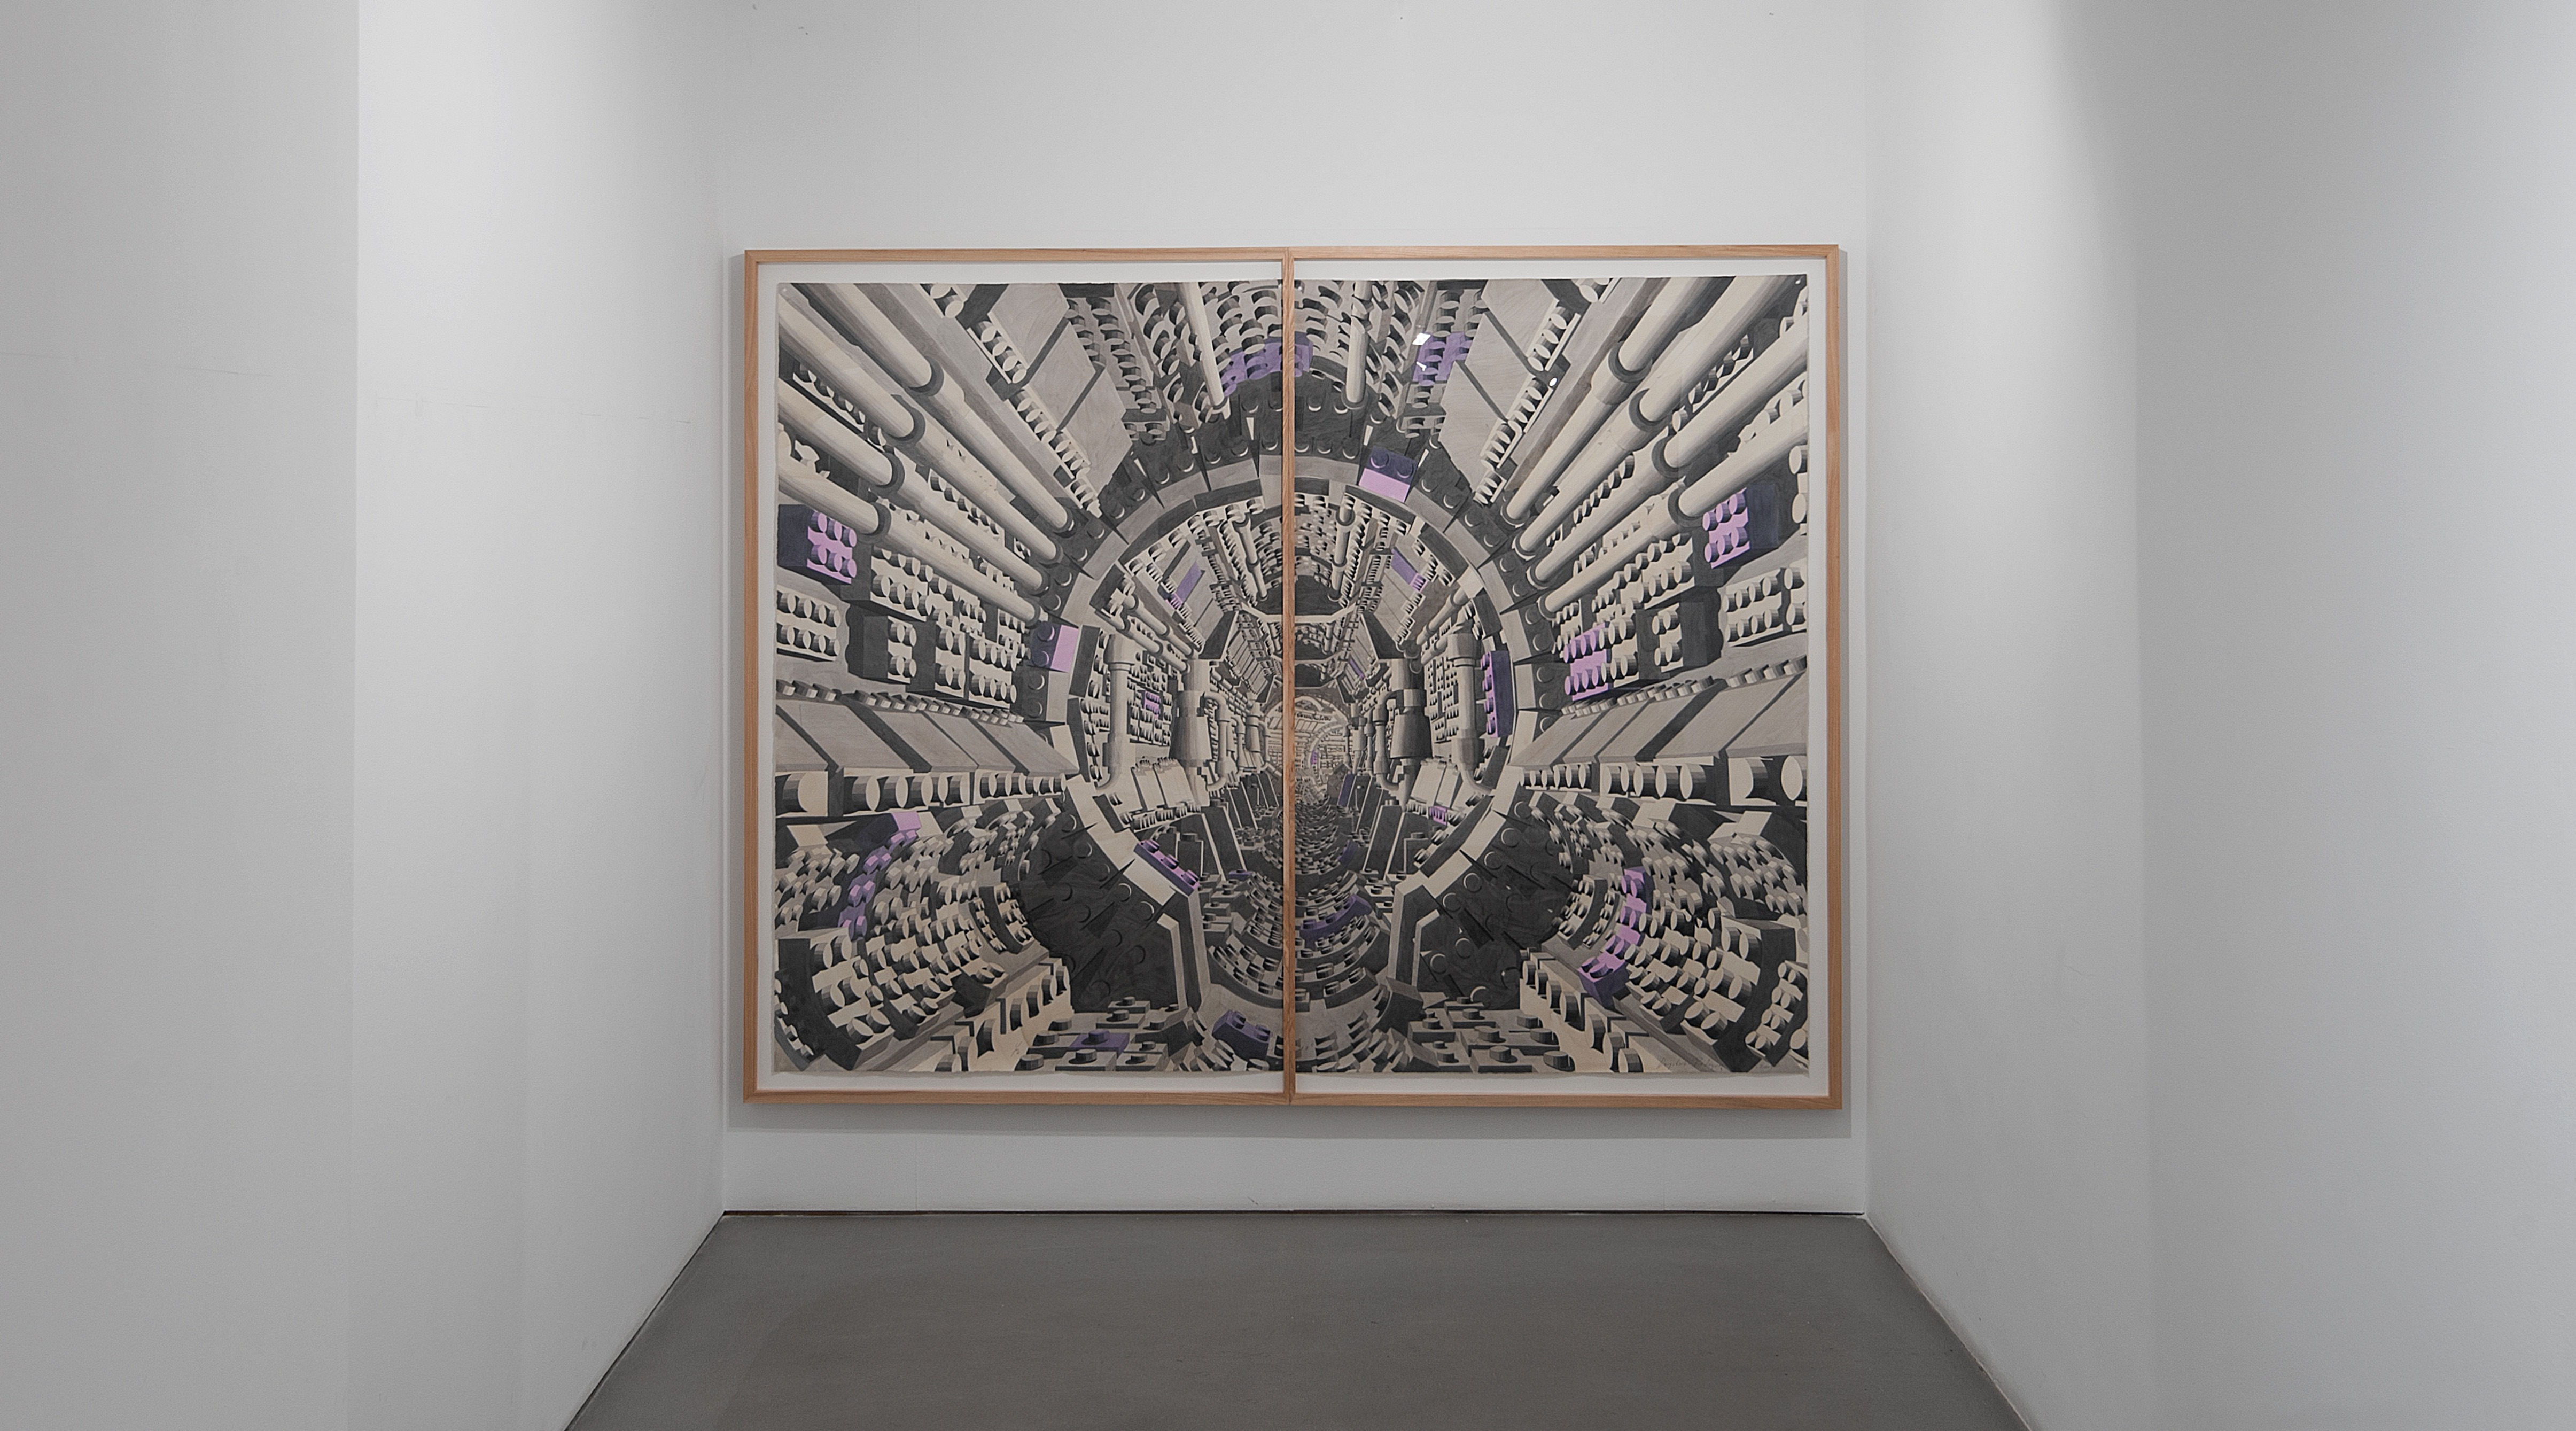 <p>Visión de túnel<br /> Sabrina Amrani Gallery</p>